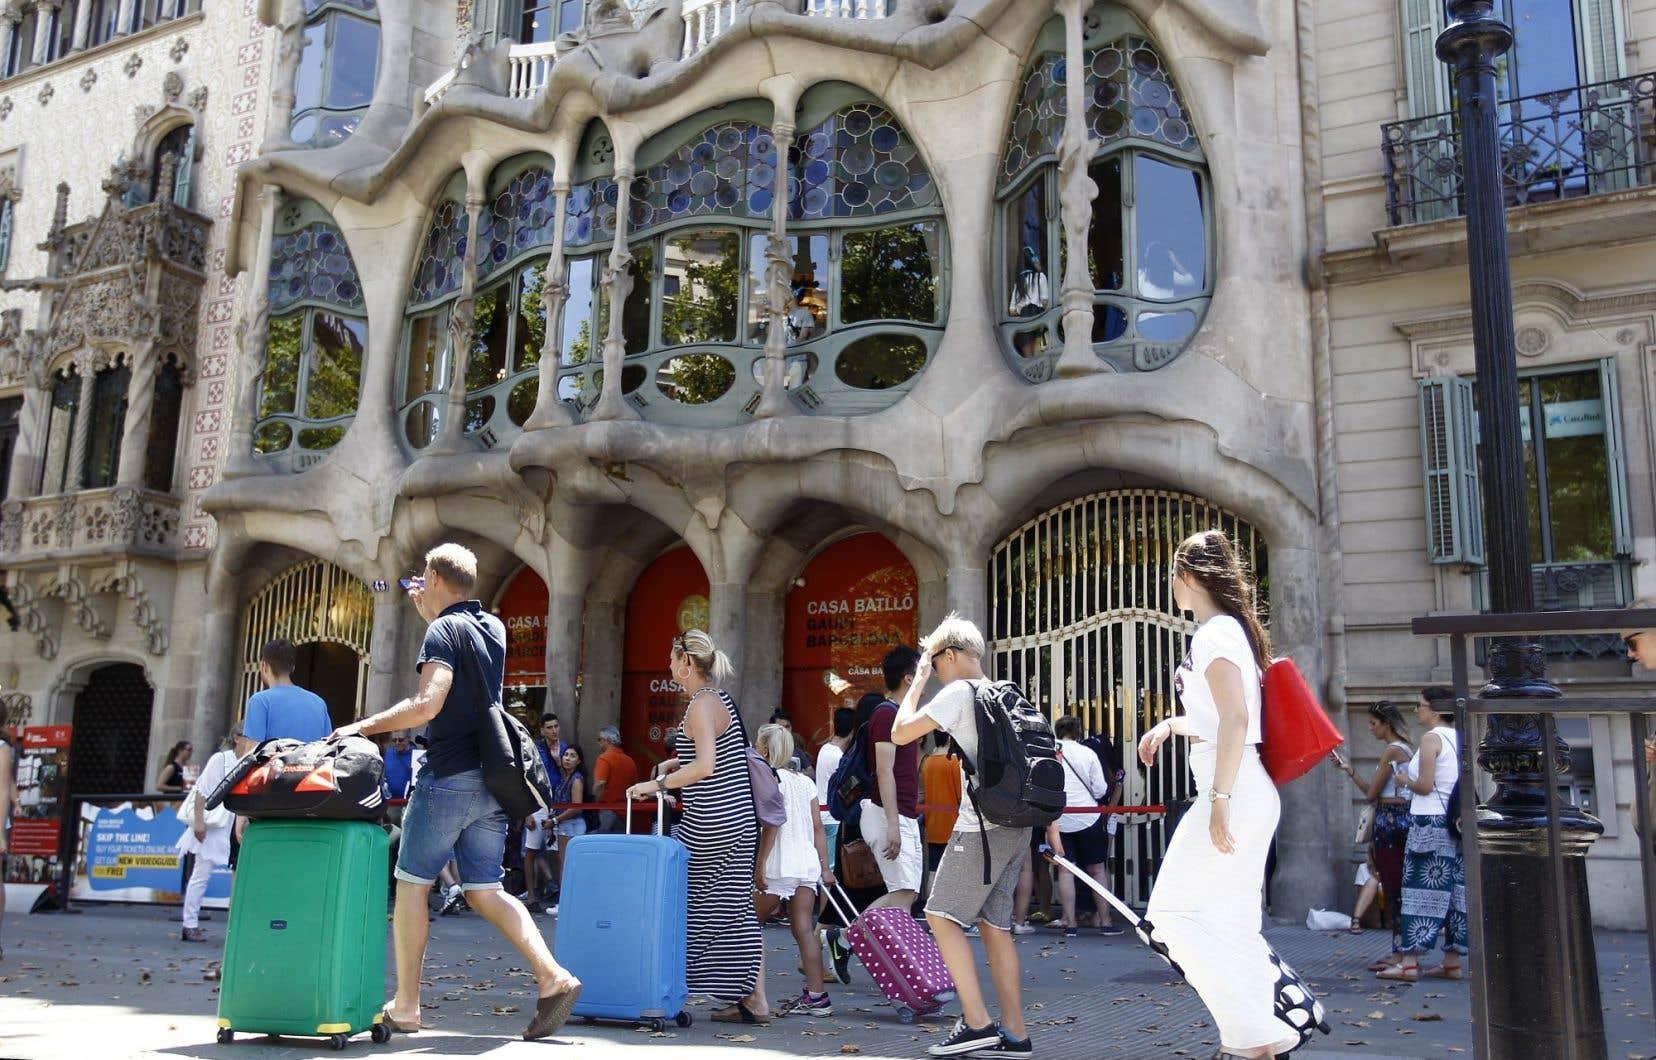 Des touristes circulent devant la Casa Batlló, de l'architecte espagnol Gaudi, à Barcelone.